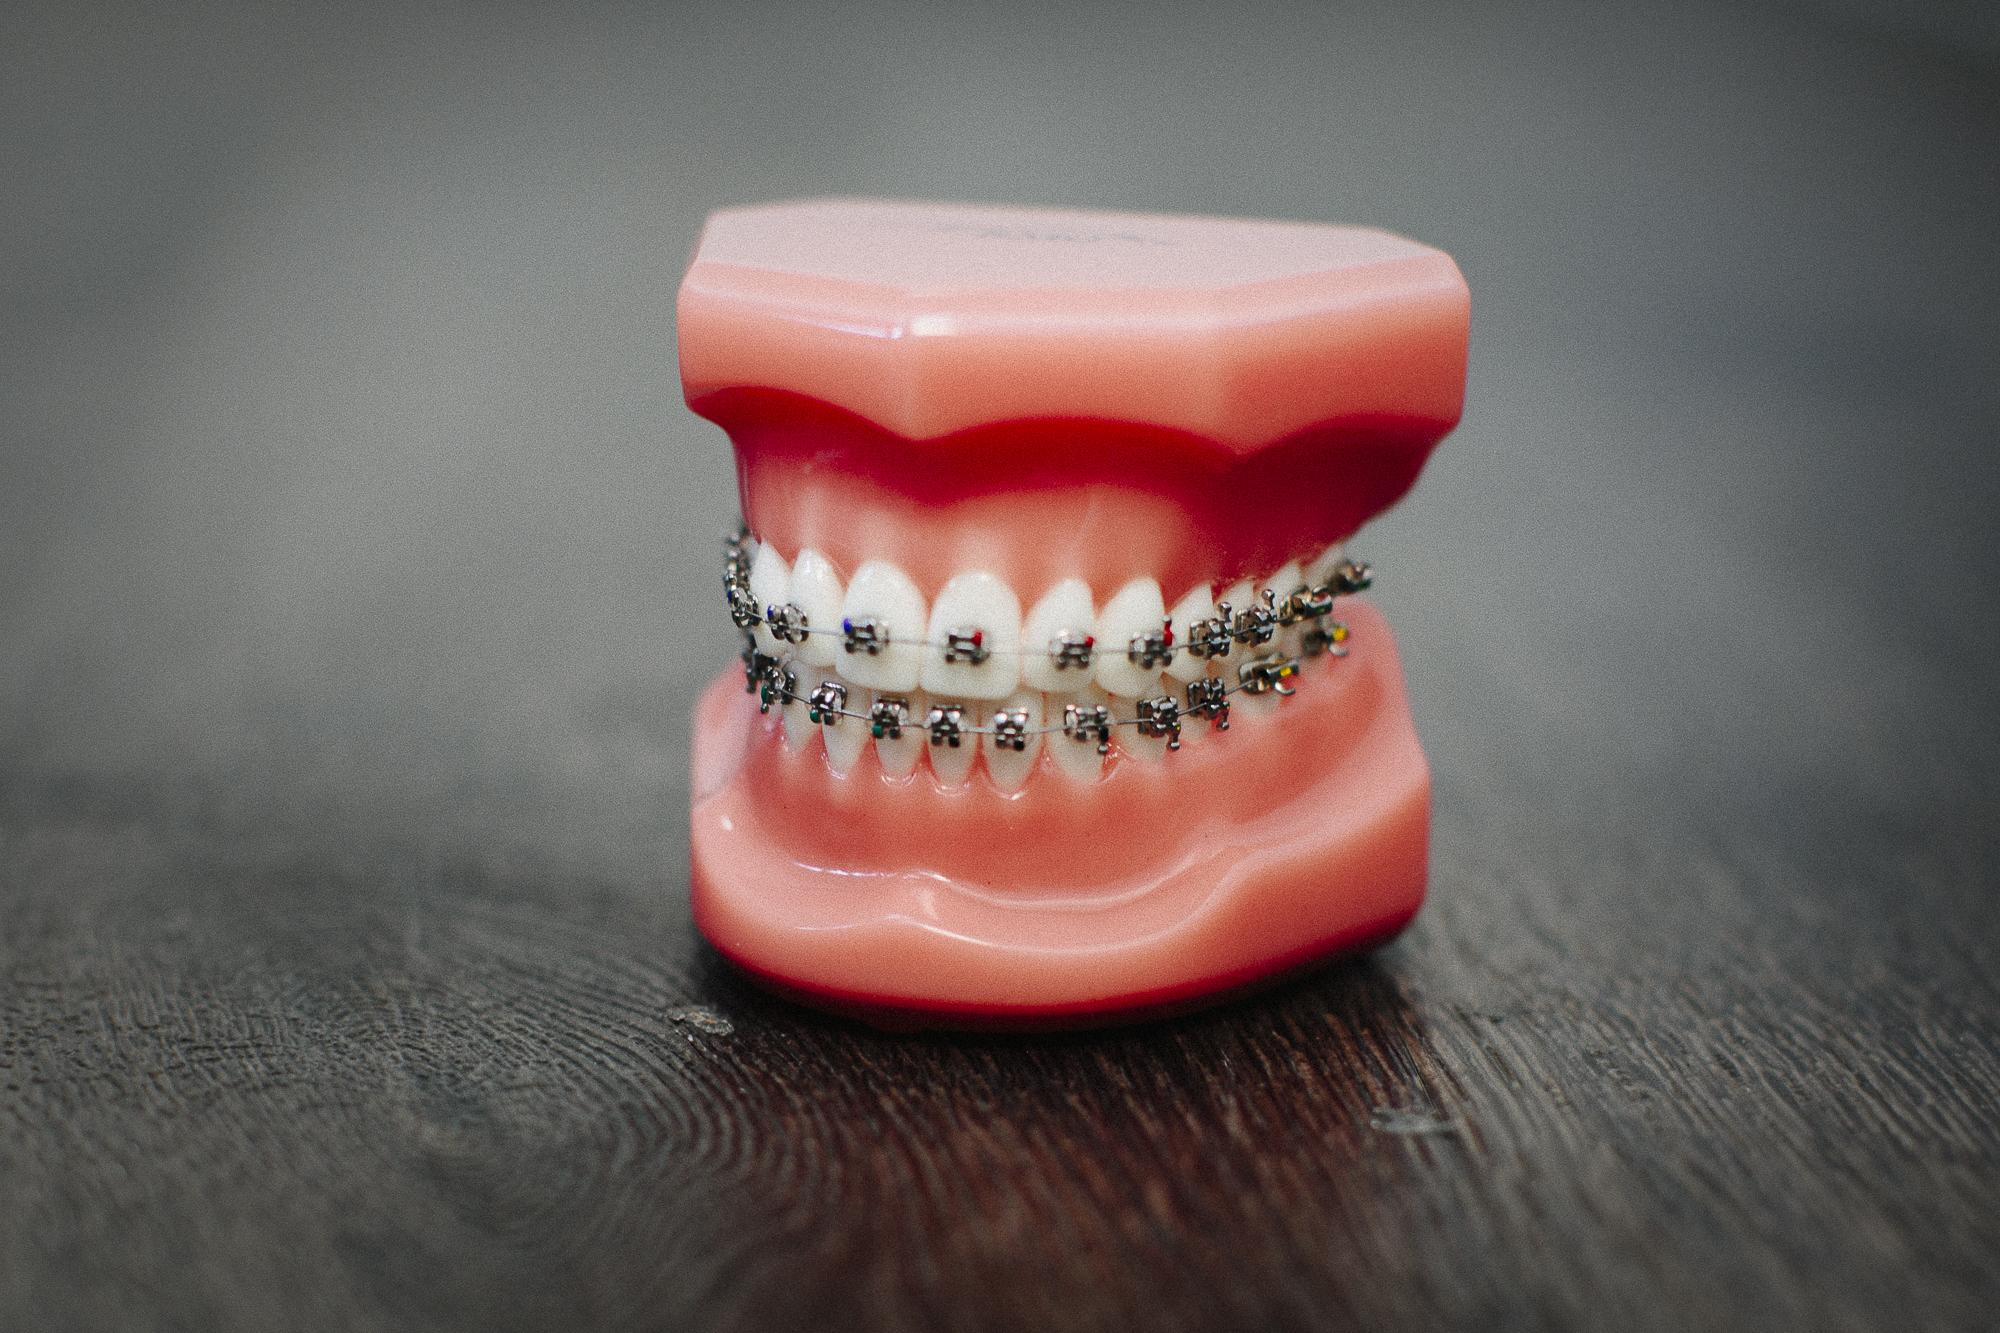 พบกับ 5 ความเสี่ยงกับการจัดฟันแฟชั่น ในคลินิกเถื่อน 3